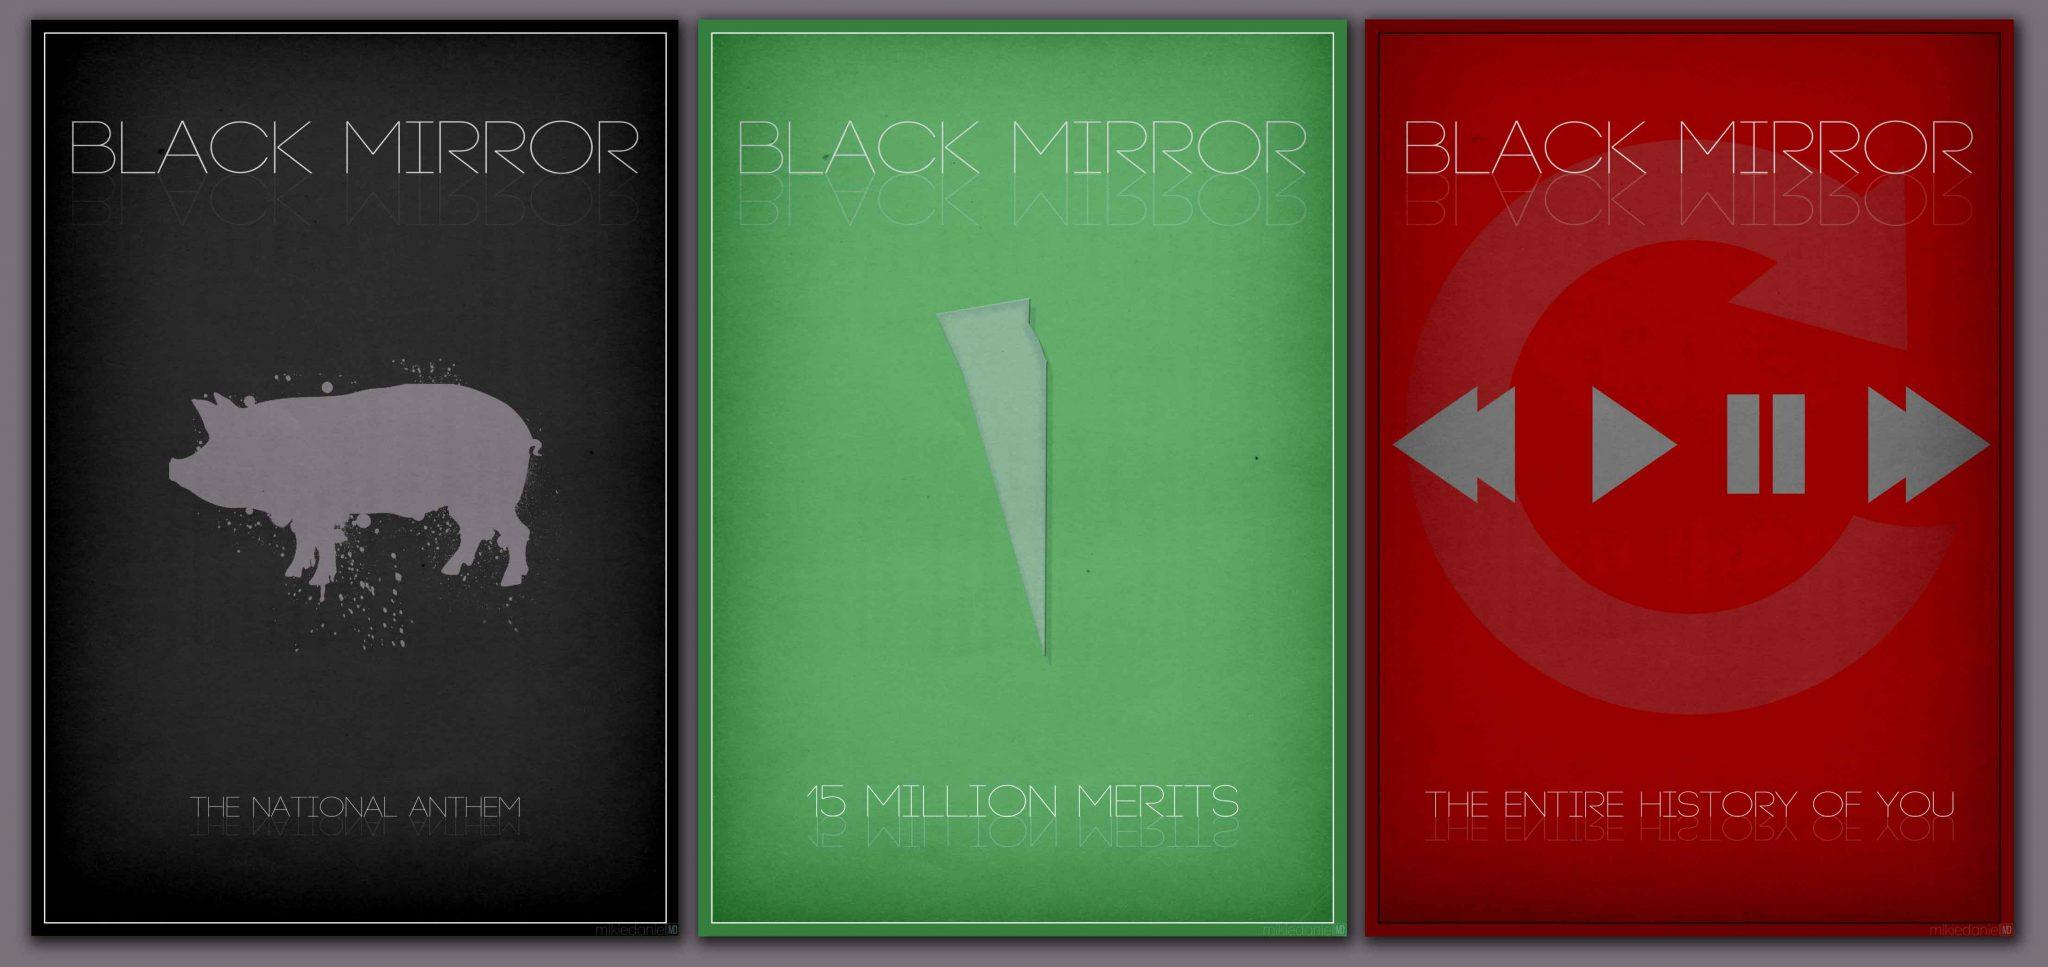 Black Mirror: Watch Black Mirror Now